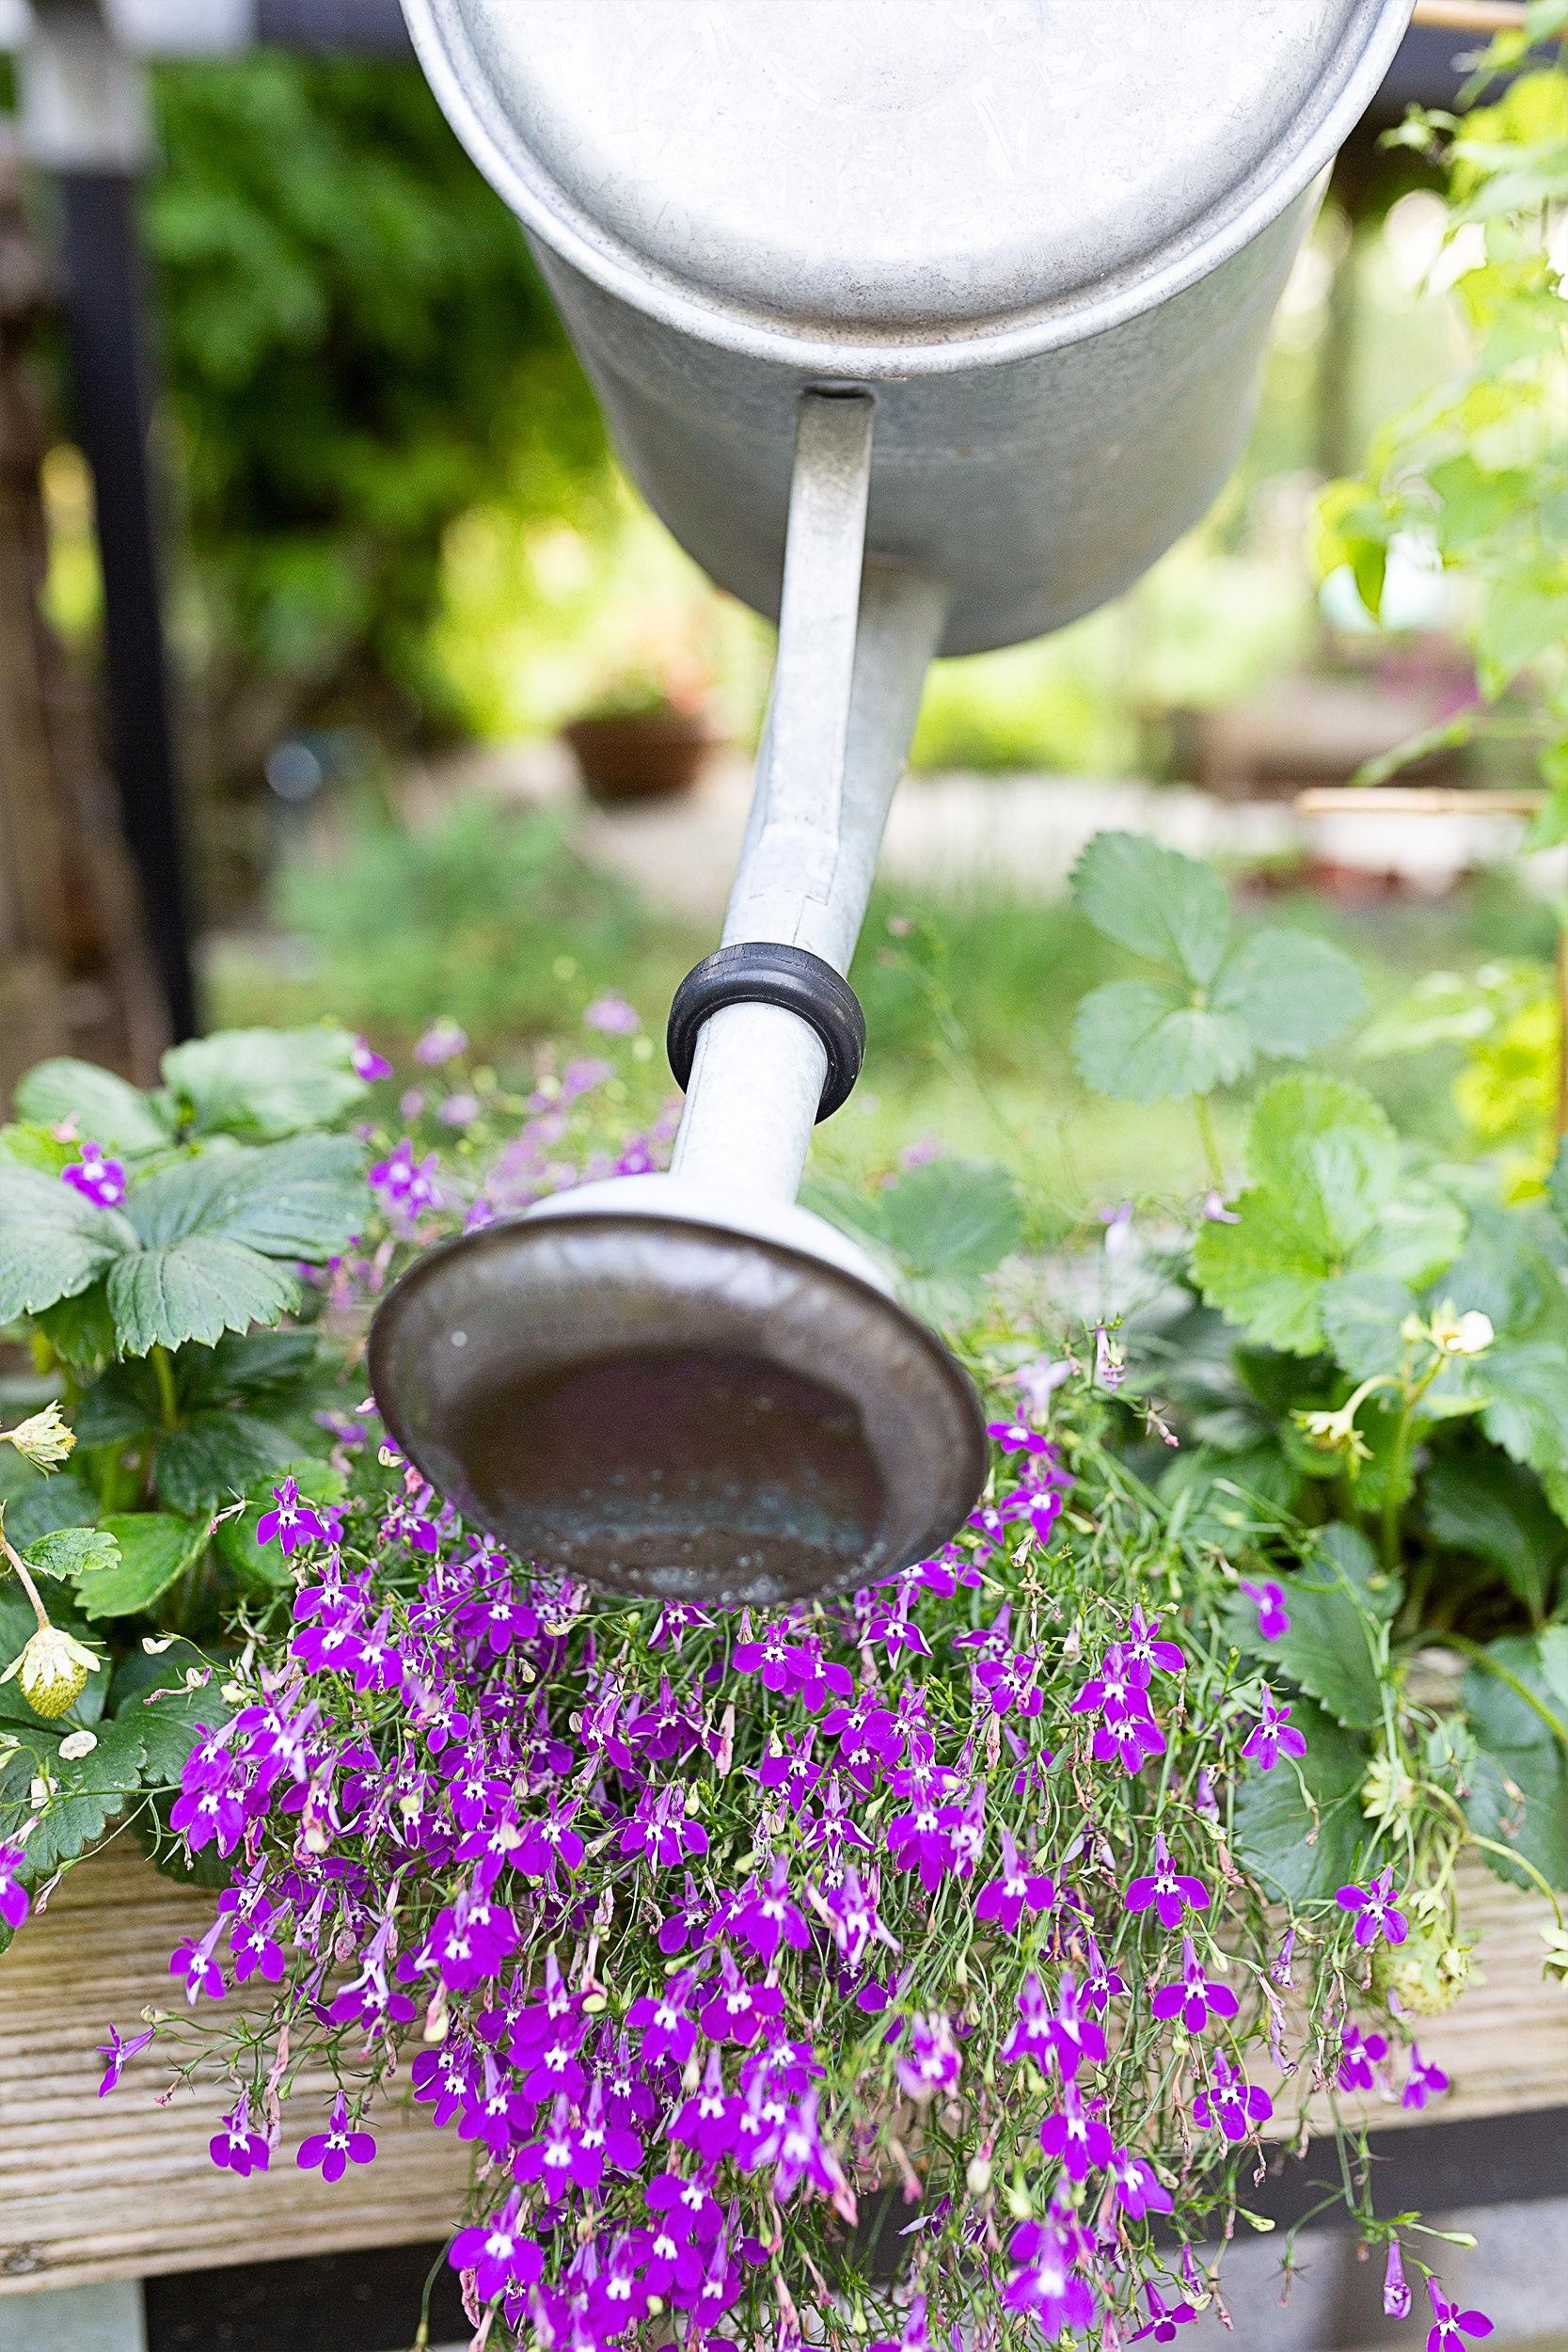 Eine Gießkanne gießt blühende Blumen aus.